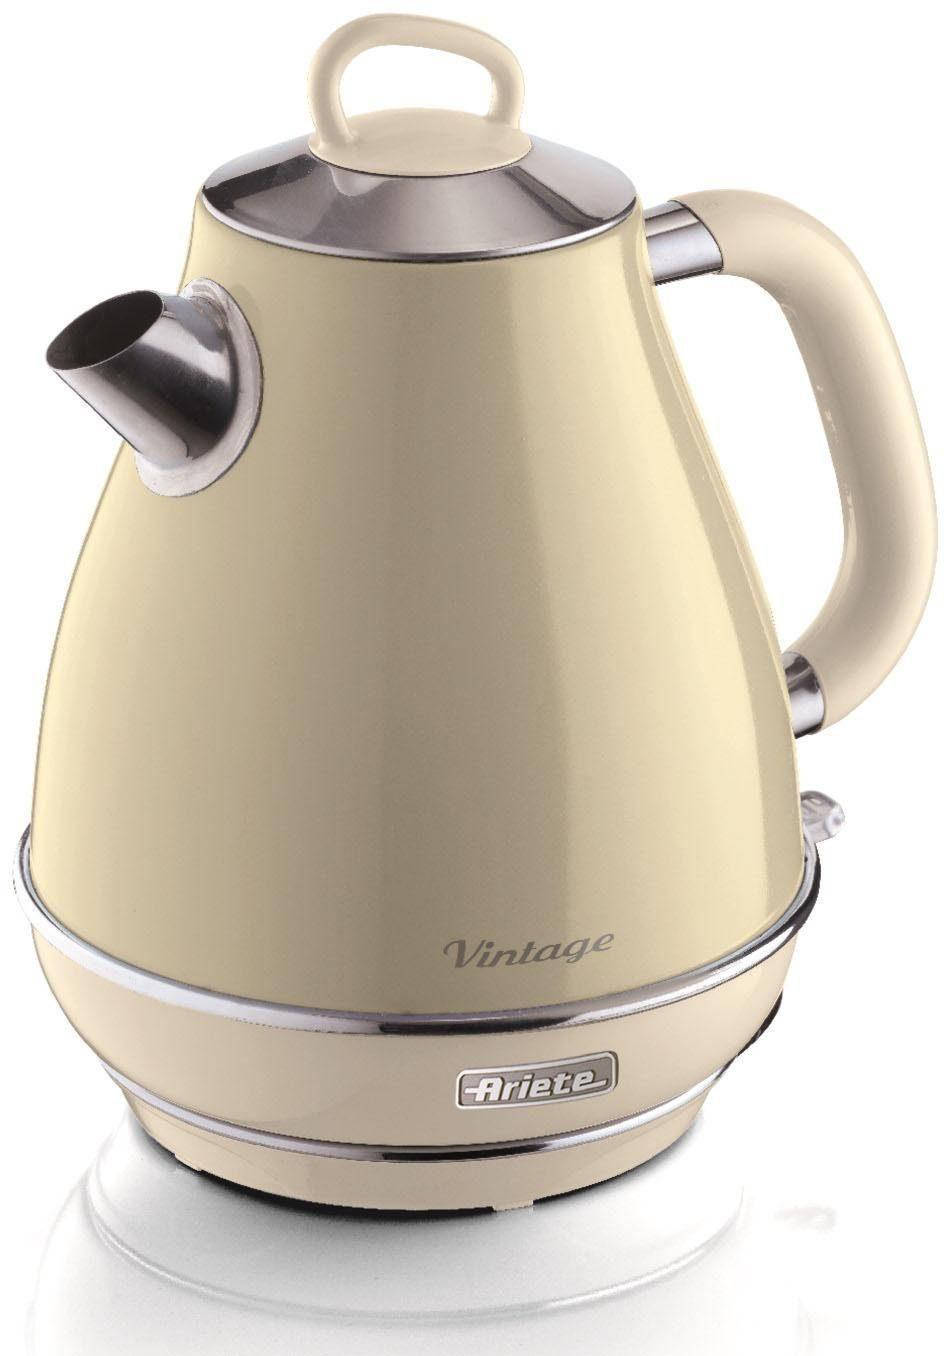 Ariete Wasserkocher 2869 CR Vintage, 1,7 l, 2200 W